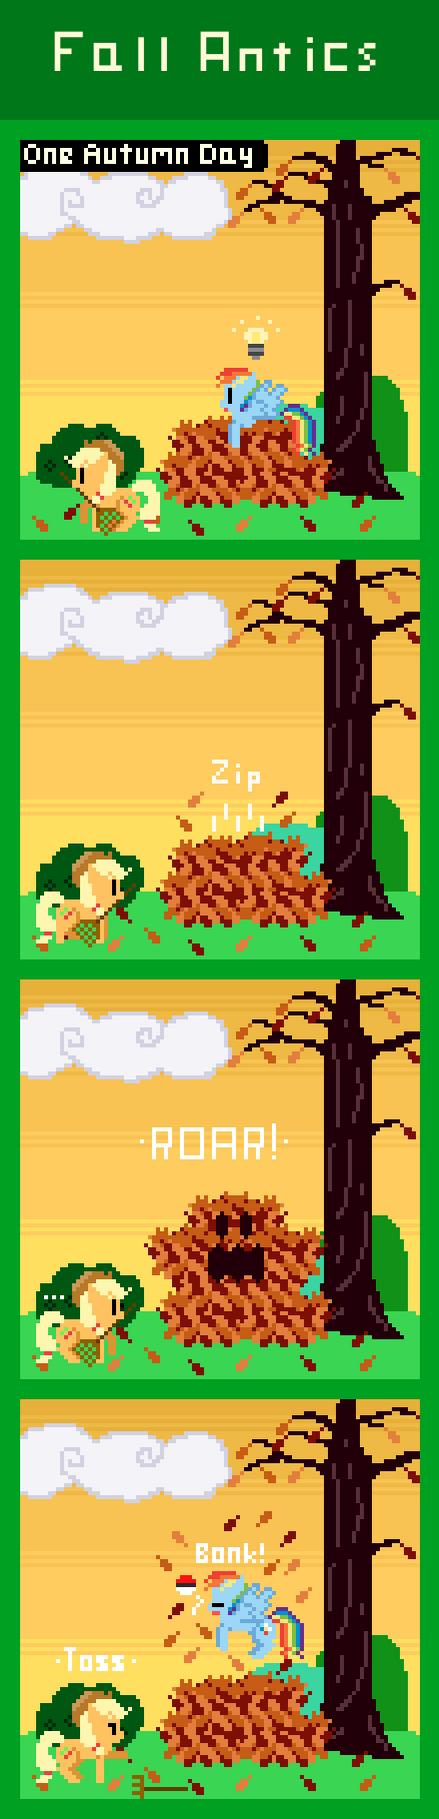 Fall Antics by Zztfox